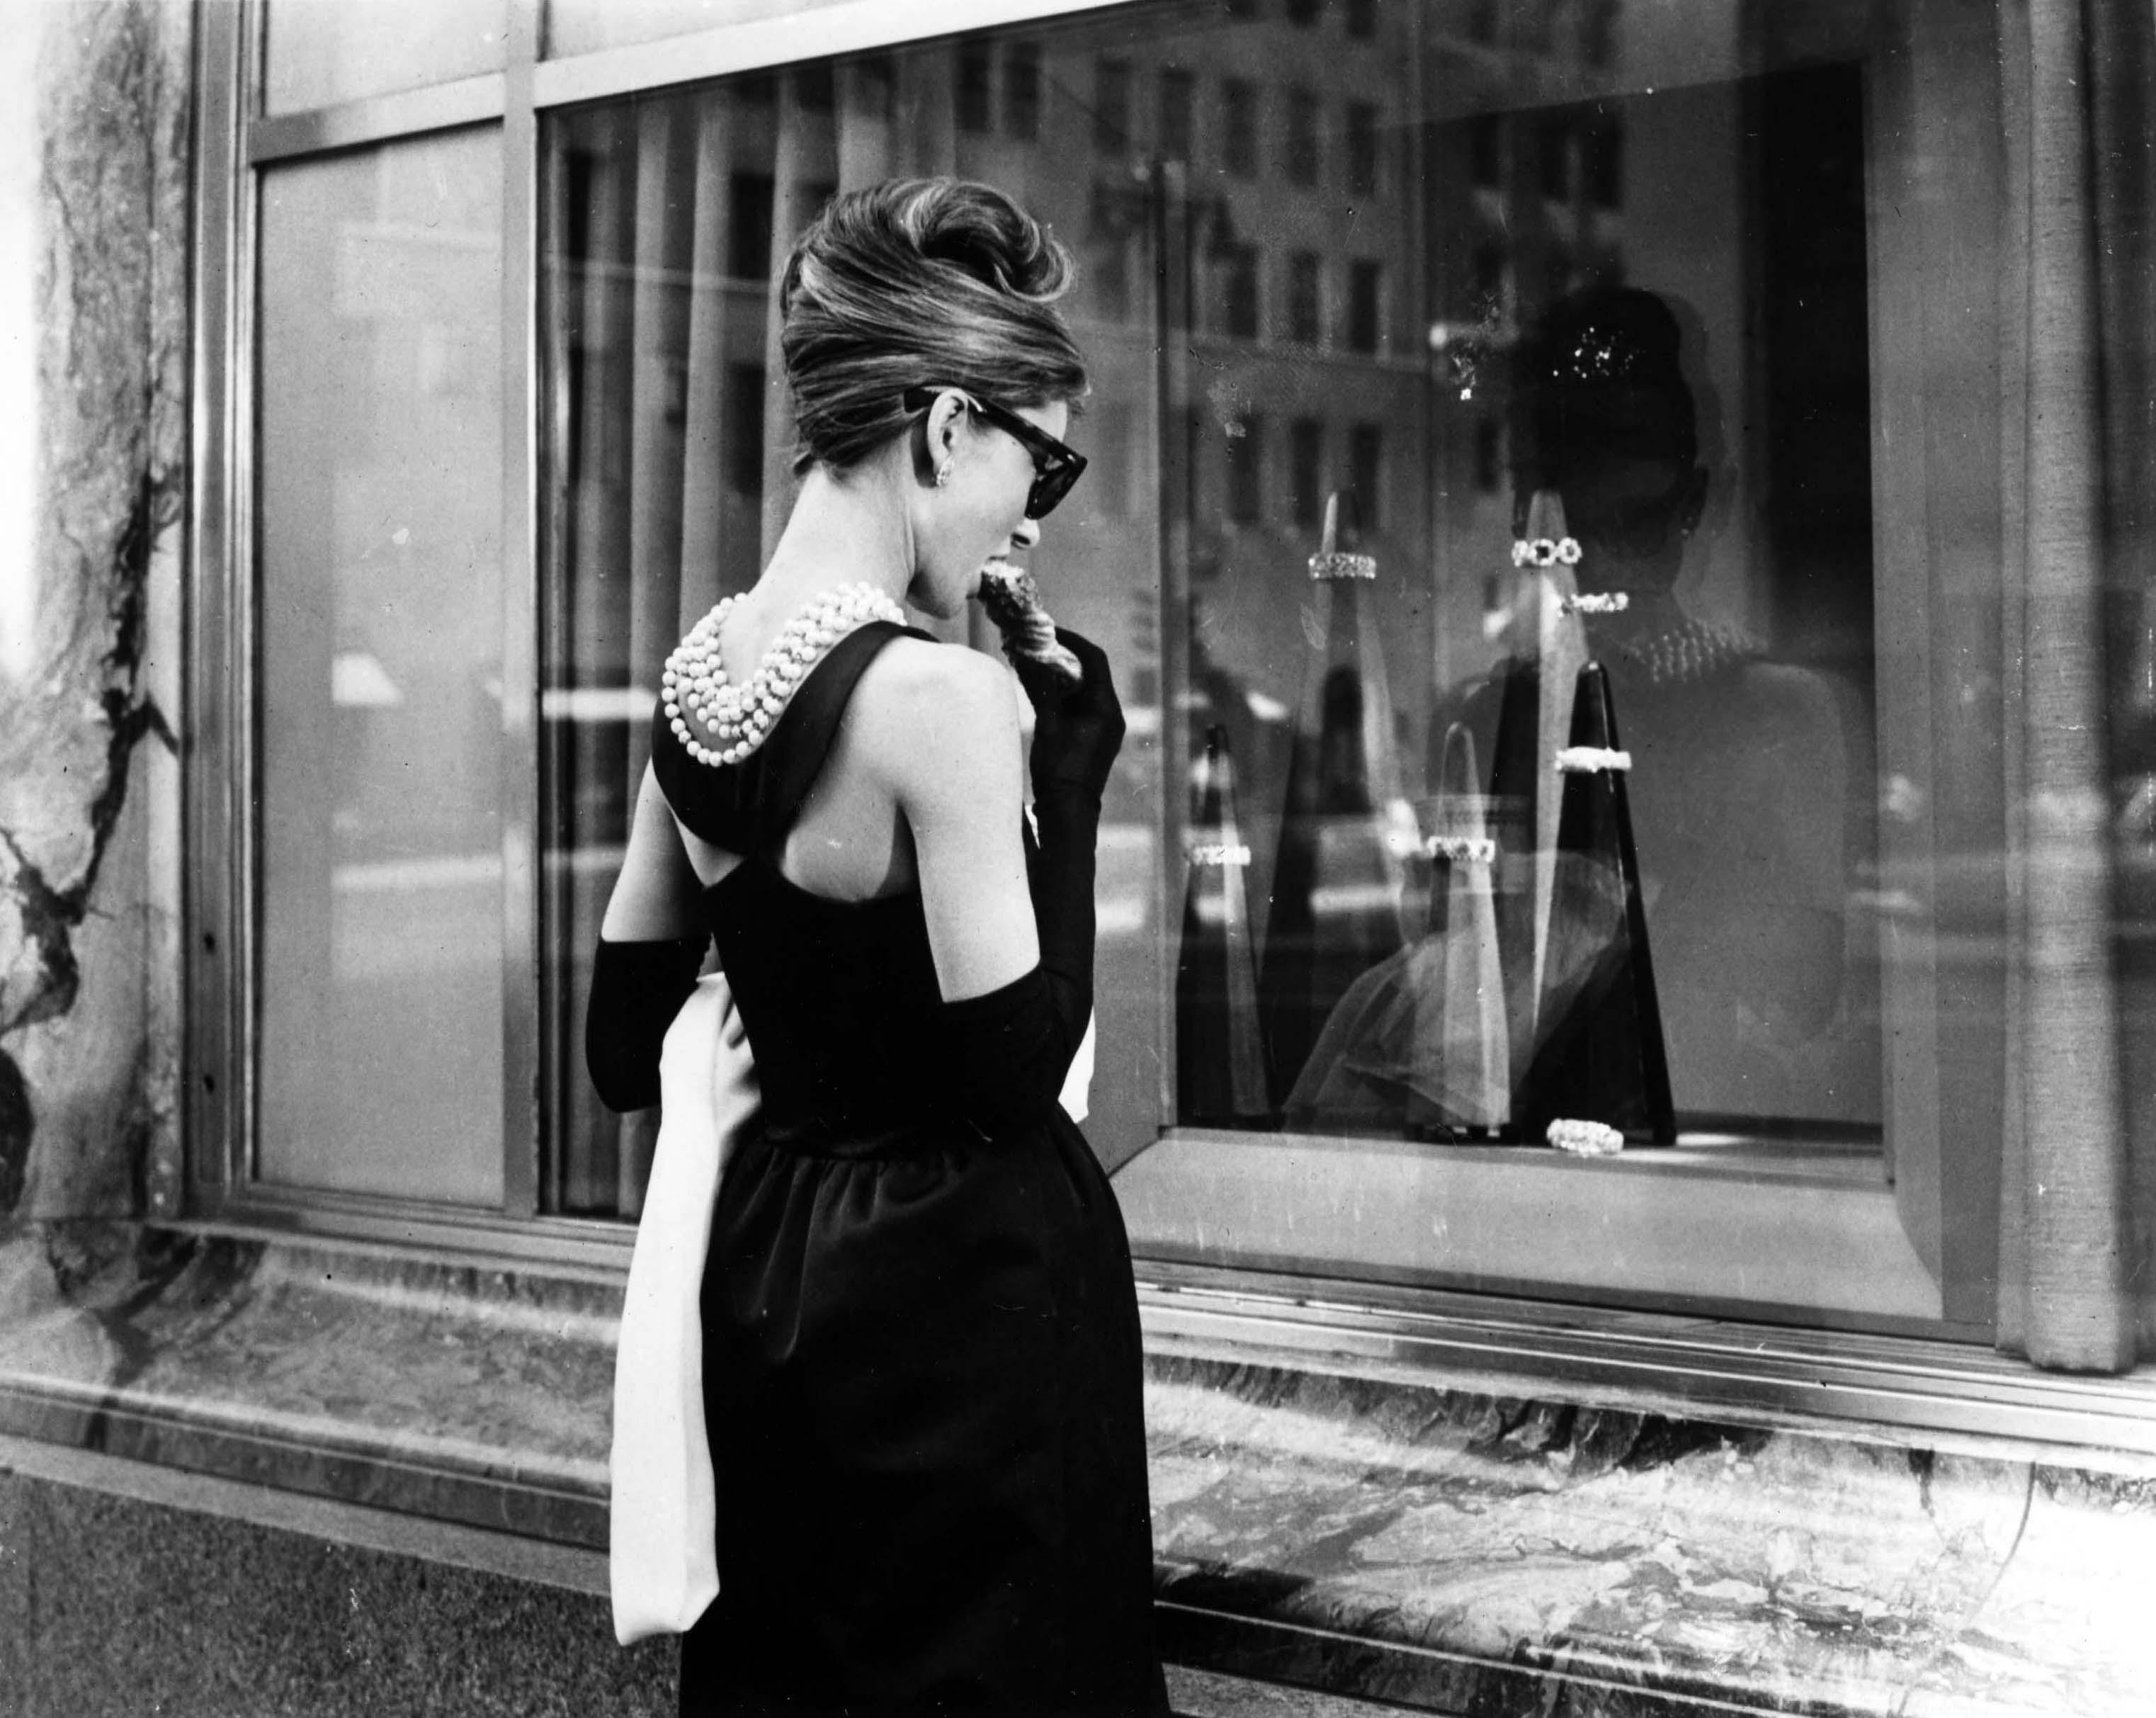 new concept cb284 55cce Storia del tubino nero, da Chanel a Audrey Hepburn ...